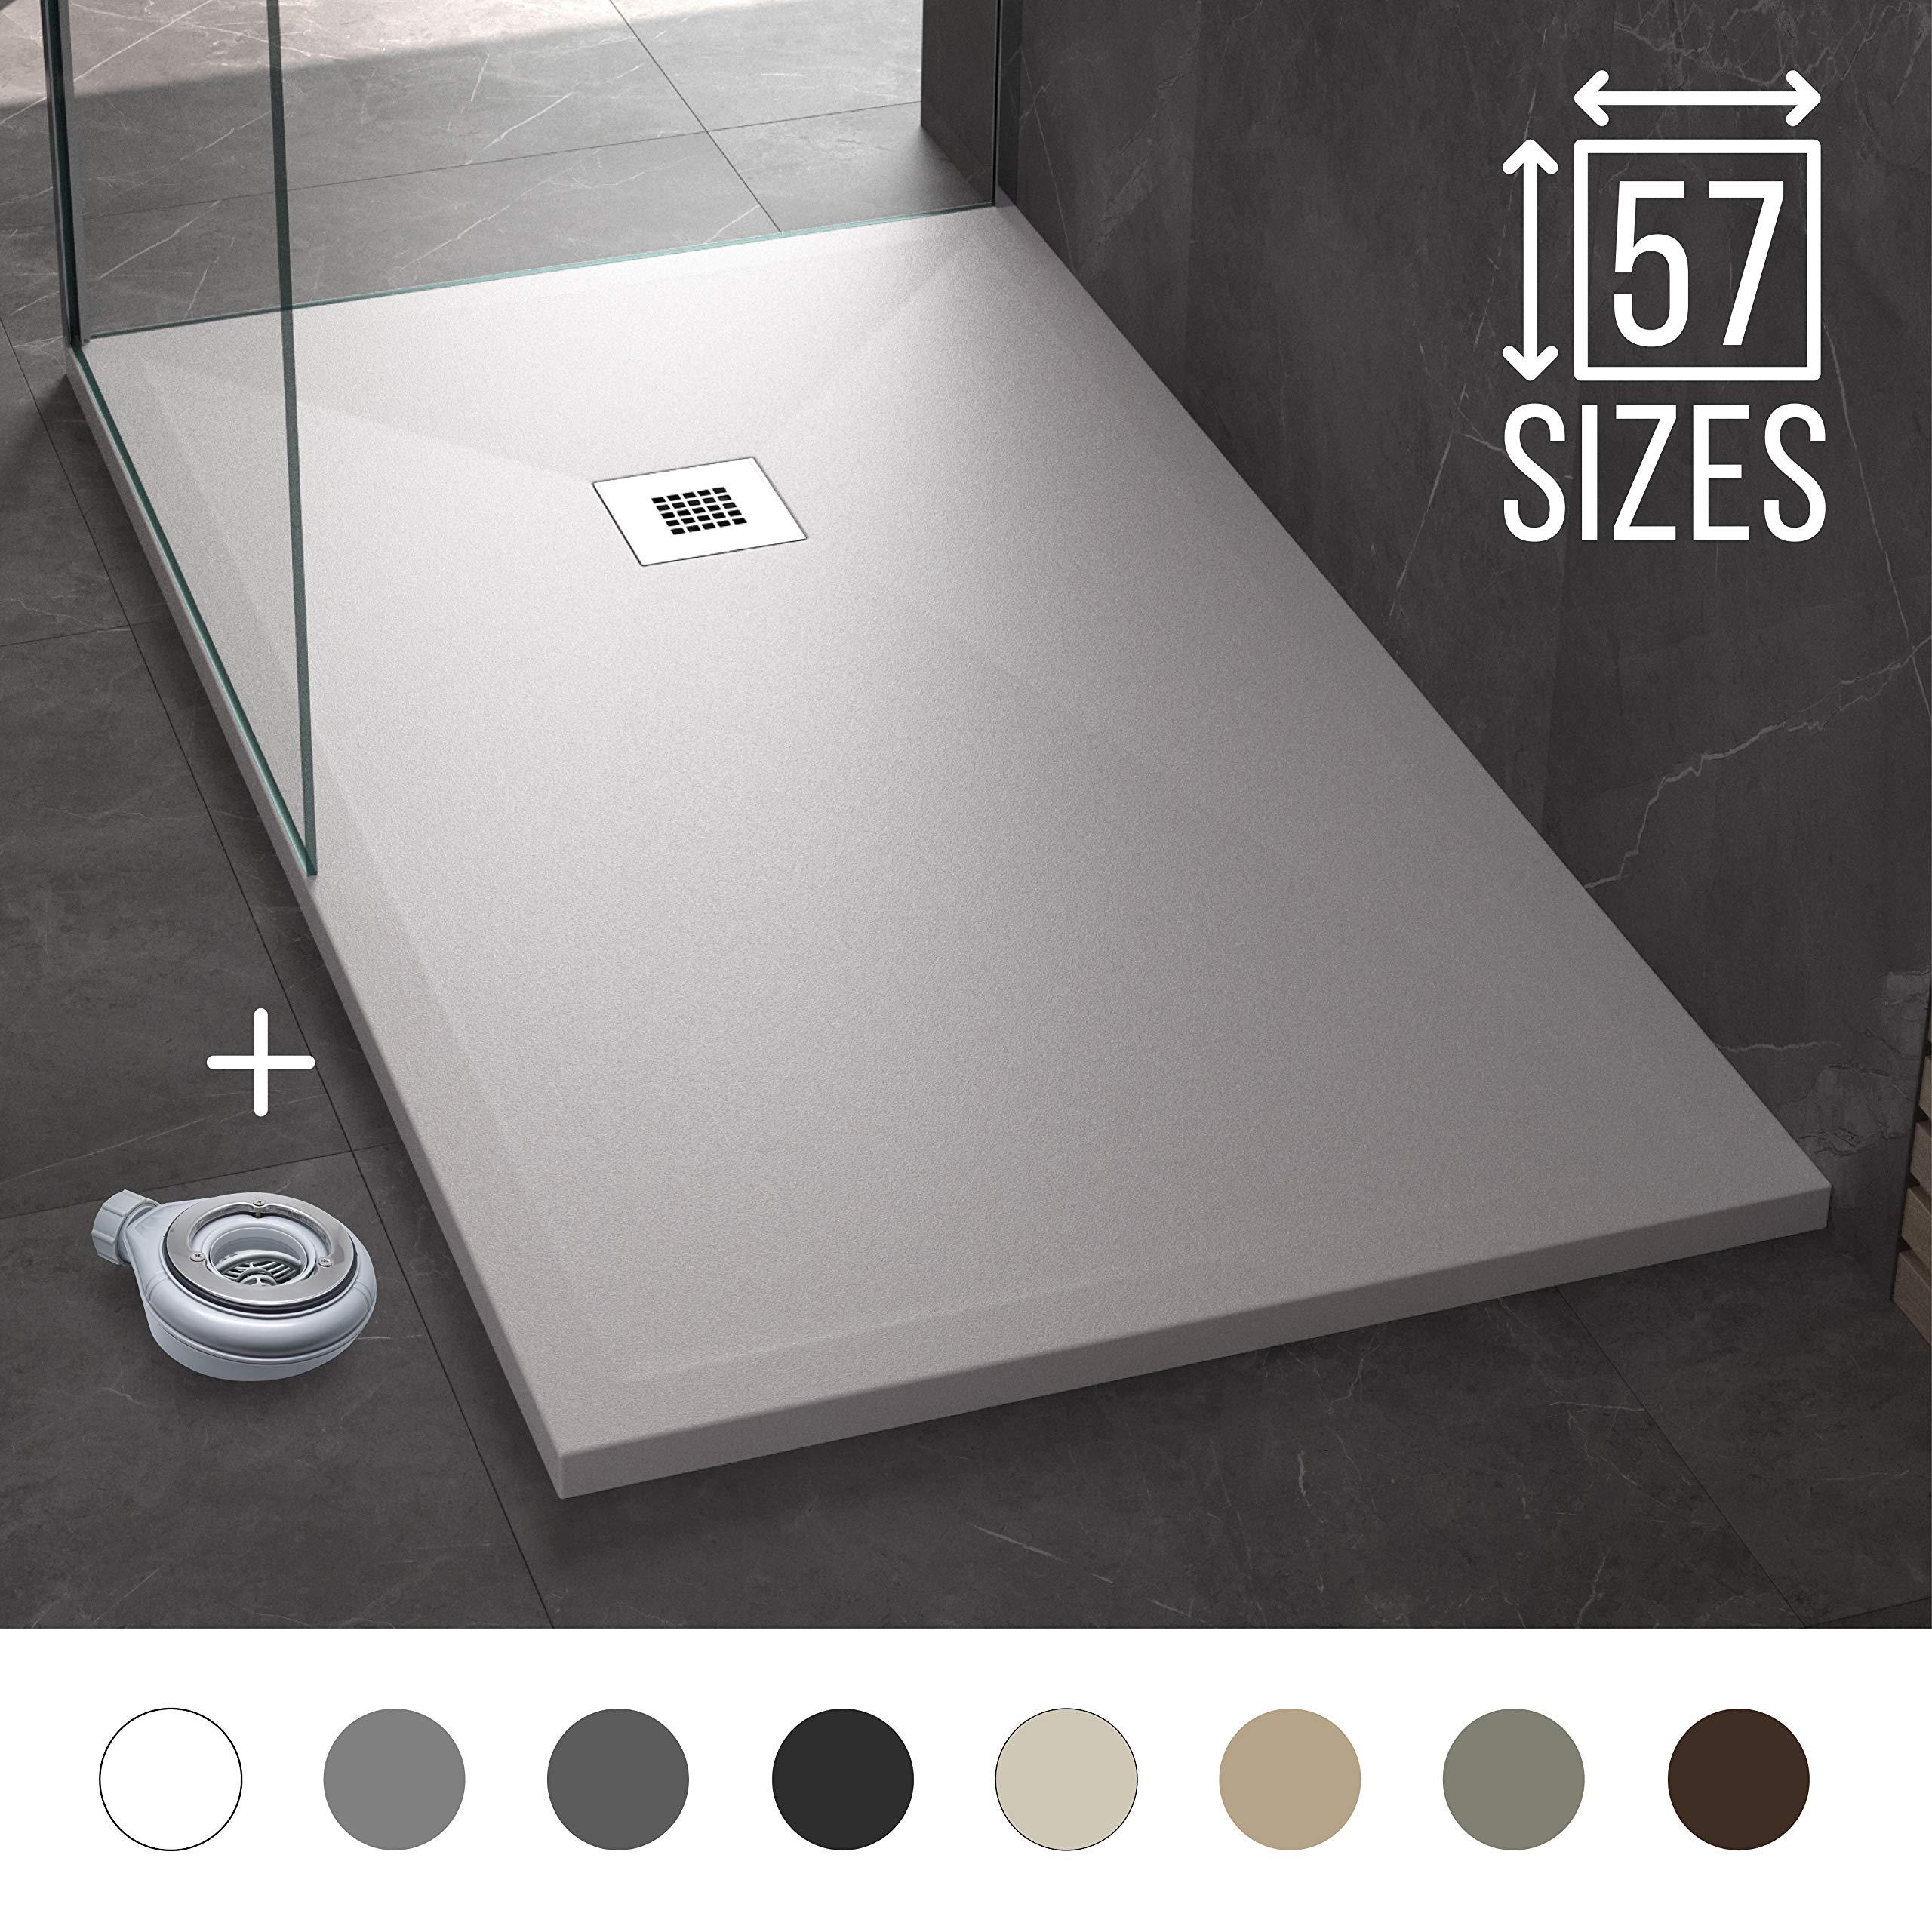 Plato de Ducha Resina Pizarra Stone 90 x 120 - Antideslizante y Rectangular - Todas las medidas disponibles - Incluye Sifón y Rejilla - Blanco RAL 9003: Amazon.es: Bricolaje y herramientas